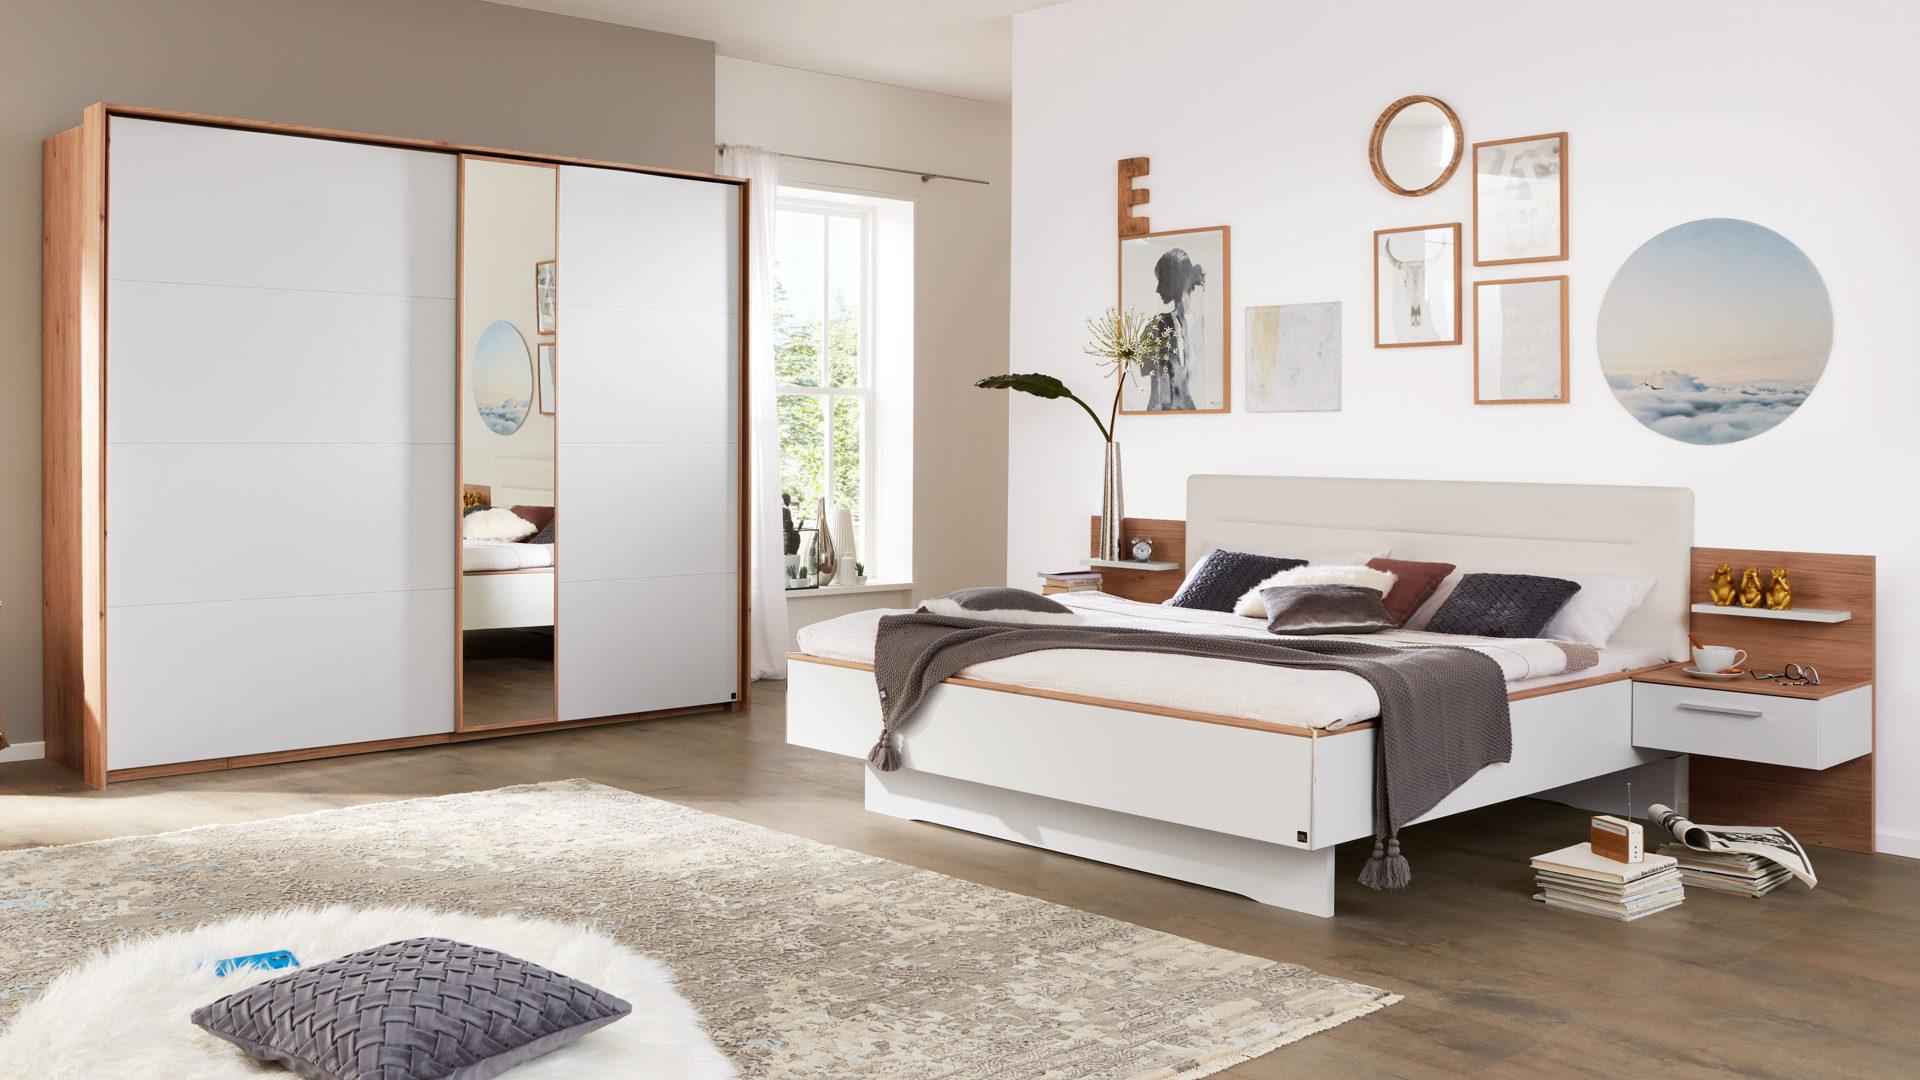 Interliving Schlafzimmer Serie 1011 – Schlafzimmer mit Extras, Jackson  hickoryfarbene & weiße Kunststoffoberflächen – fün